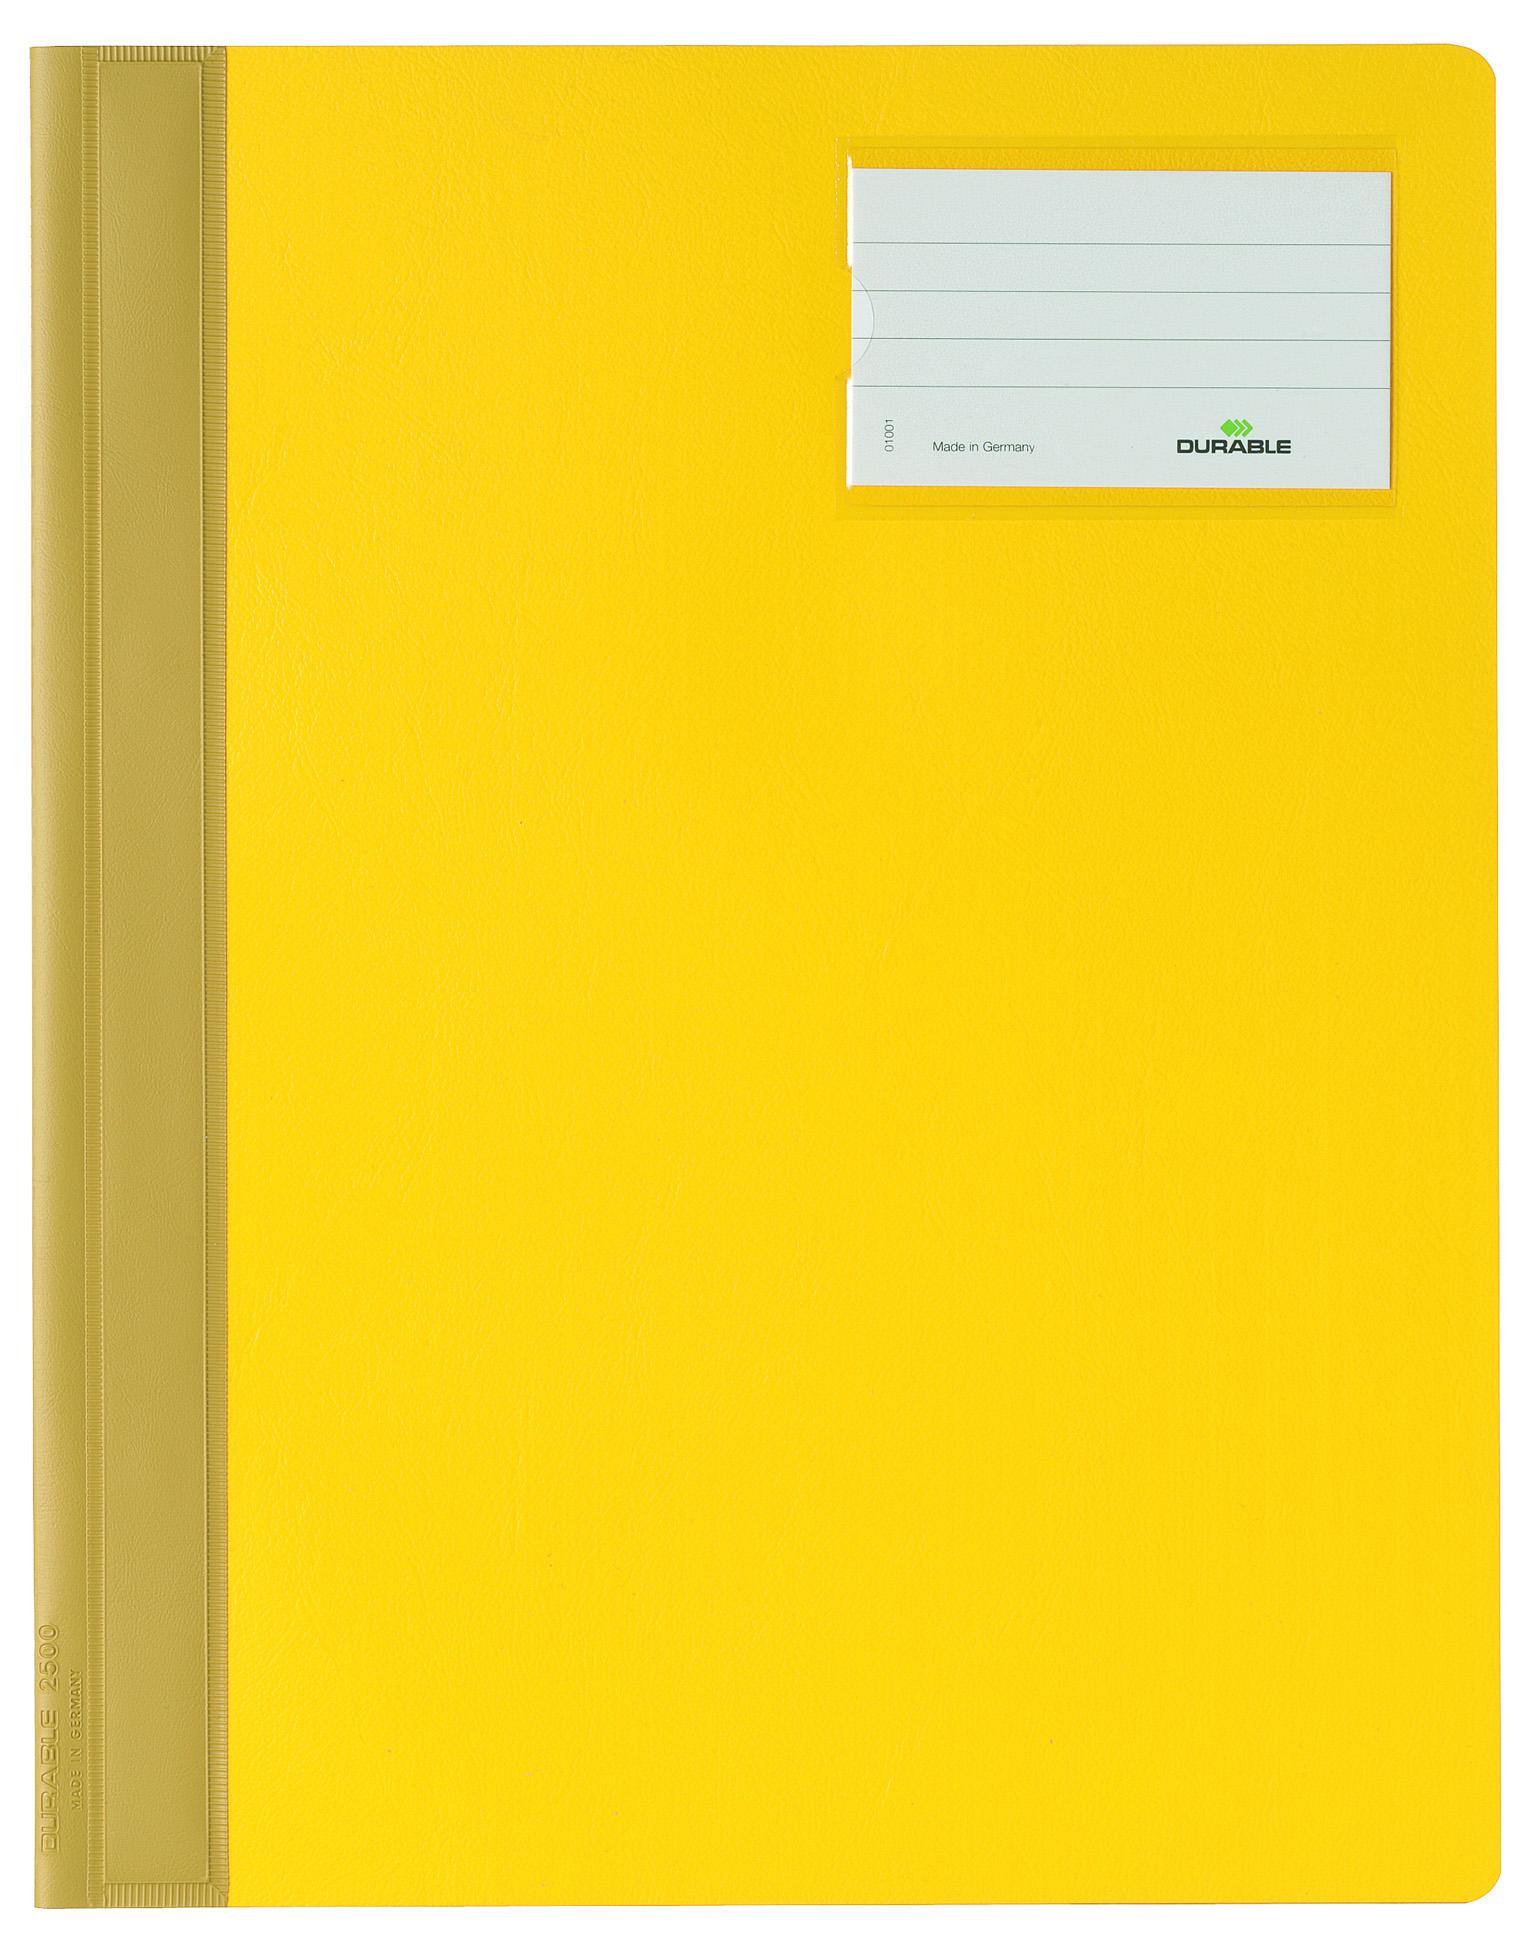 Папка Durable Management File скоросшиватель, инфо-окно, 2500-04, желтый папка скоросшиватель durable 2500 02 формат a4 с карманом на лицевой стороне цвет белый